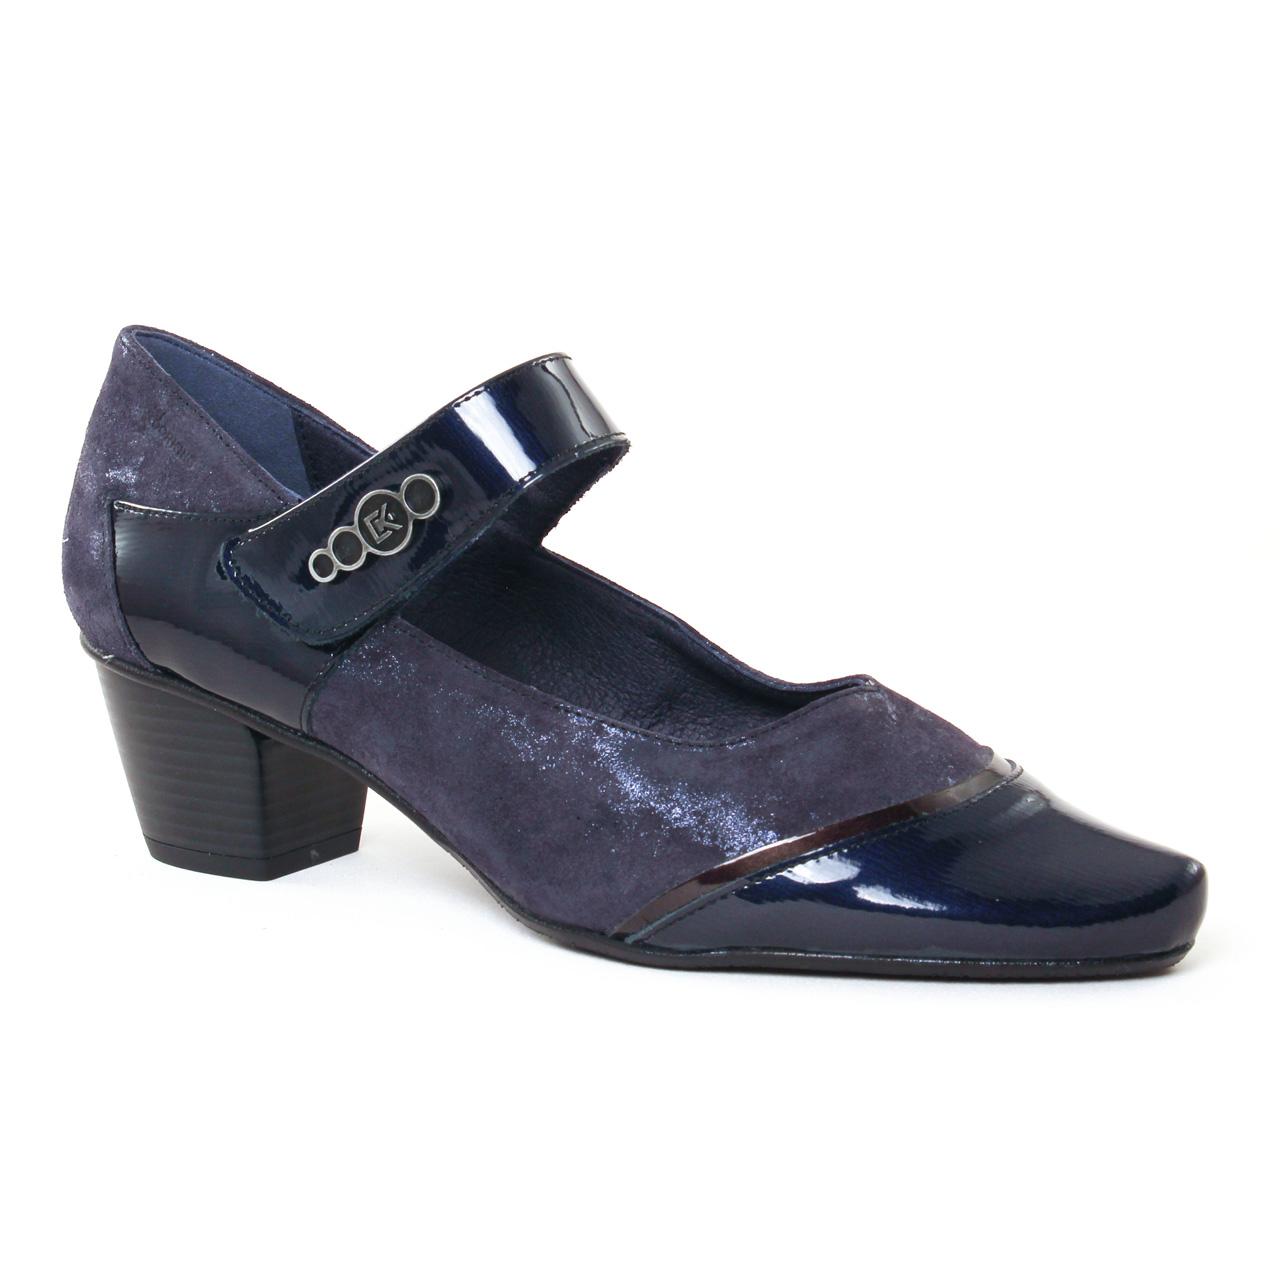 plus récent f81c5 1fd4a DORKING | Chaussures Dorking en ligne chez TROIS PAR 3